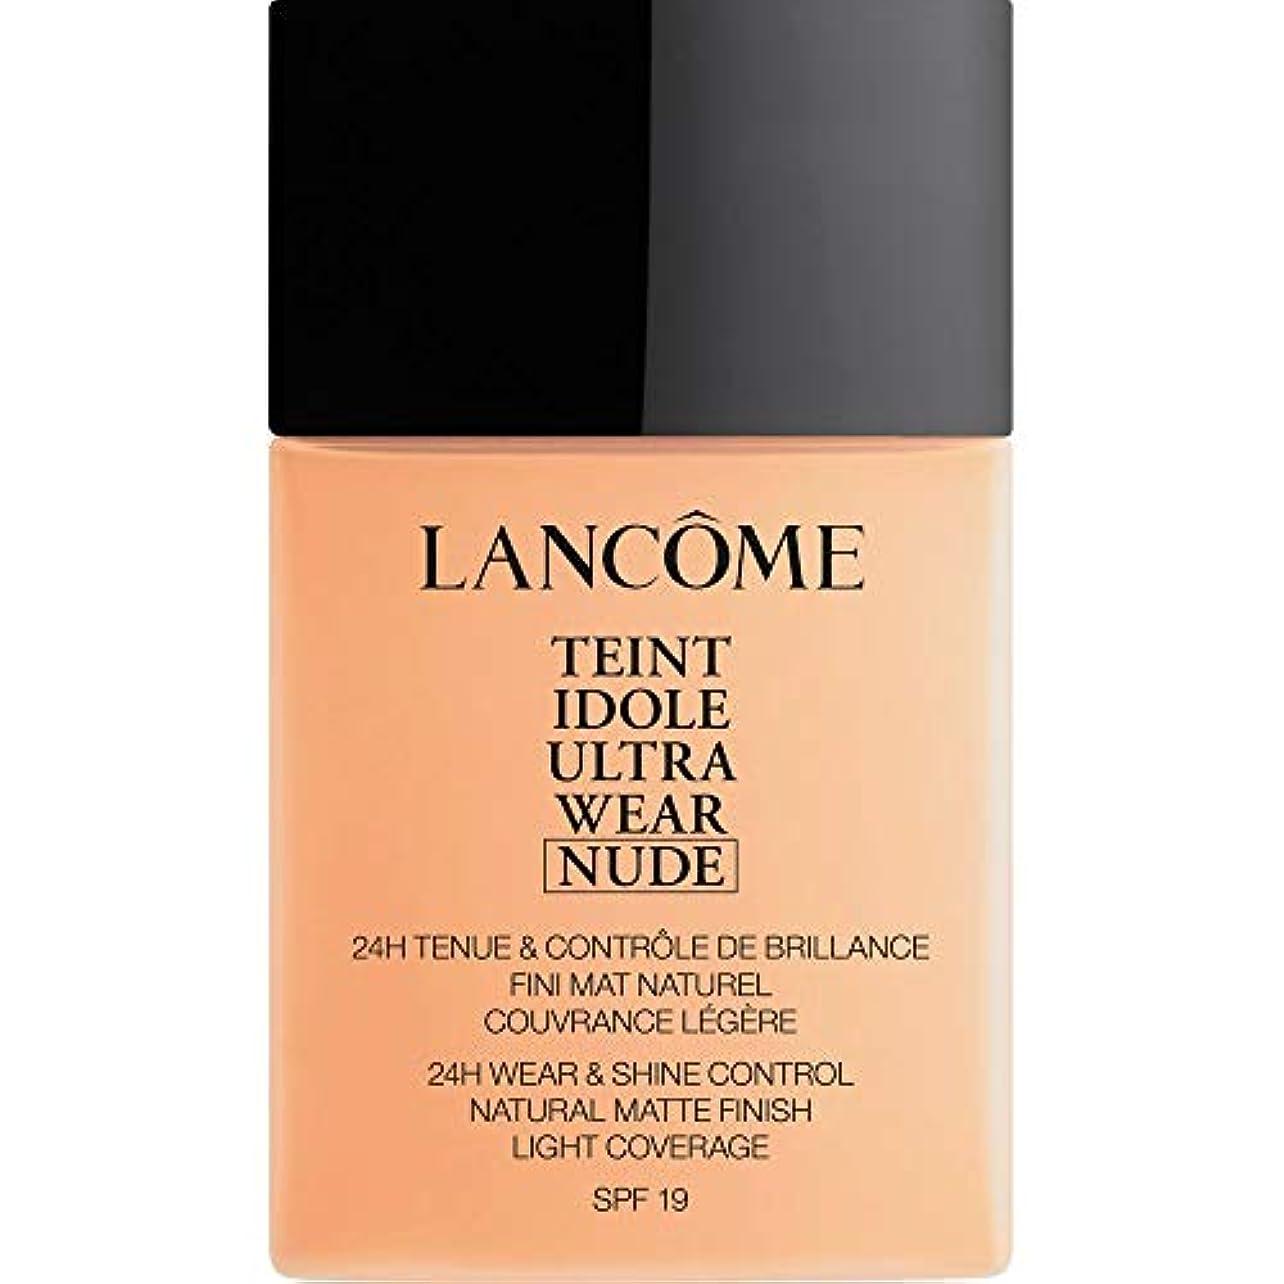 貫通するエンジニアリング酔った[Lanc?me ] ランコムTeintのIdole超ヌード財団Spf19の40ミリリットル024を着る - ベージュヴァニラを - Lancome Teint Idole Ultra Wear Nude Foundation...